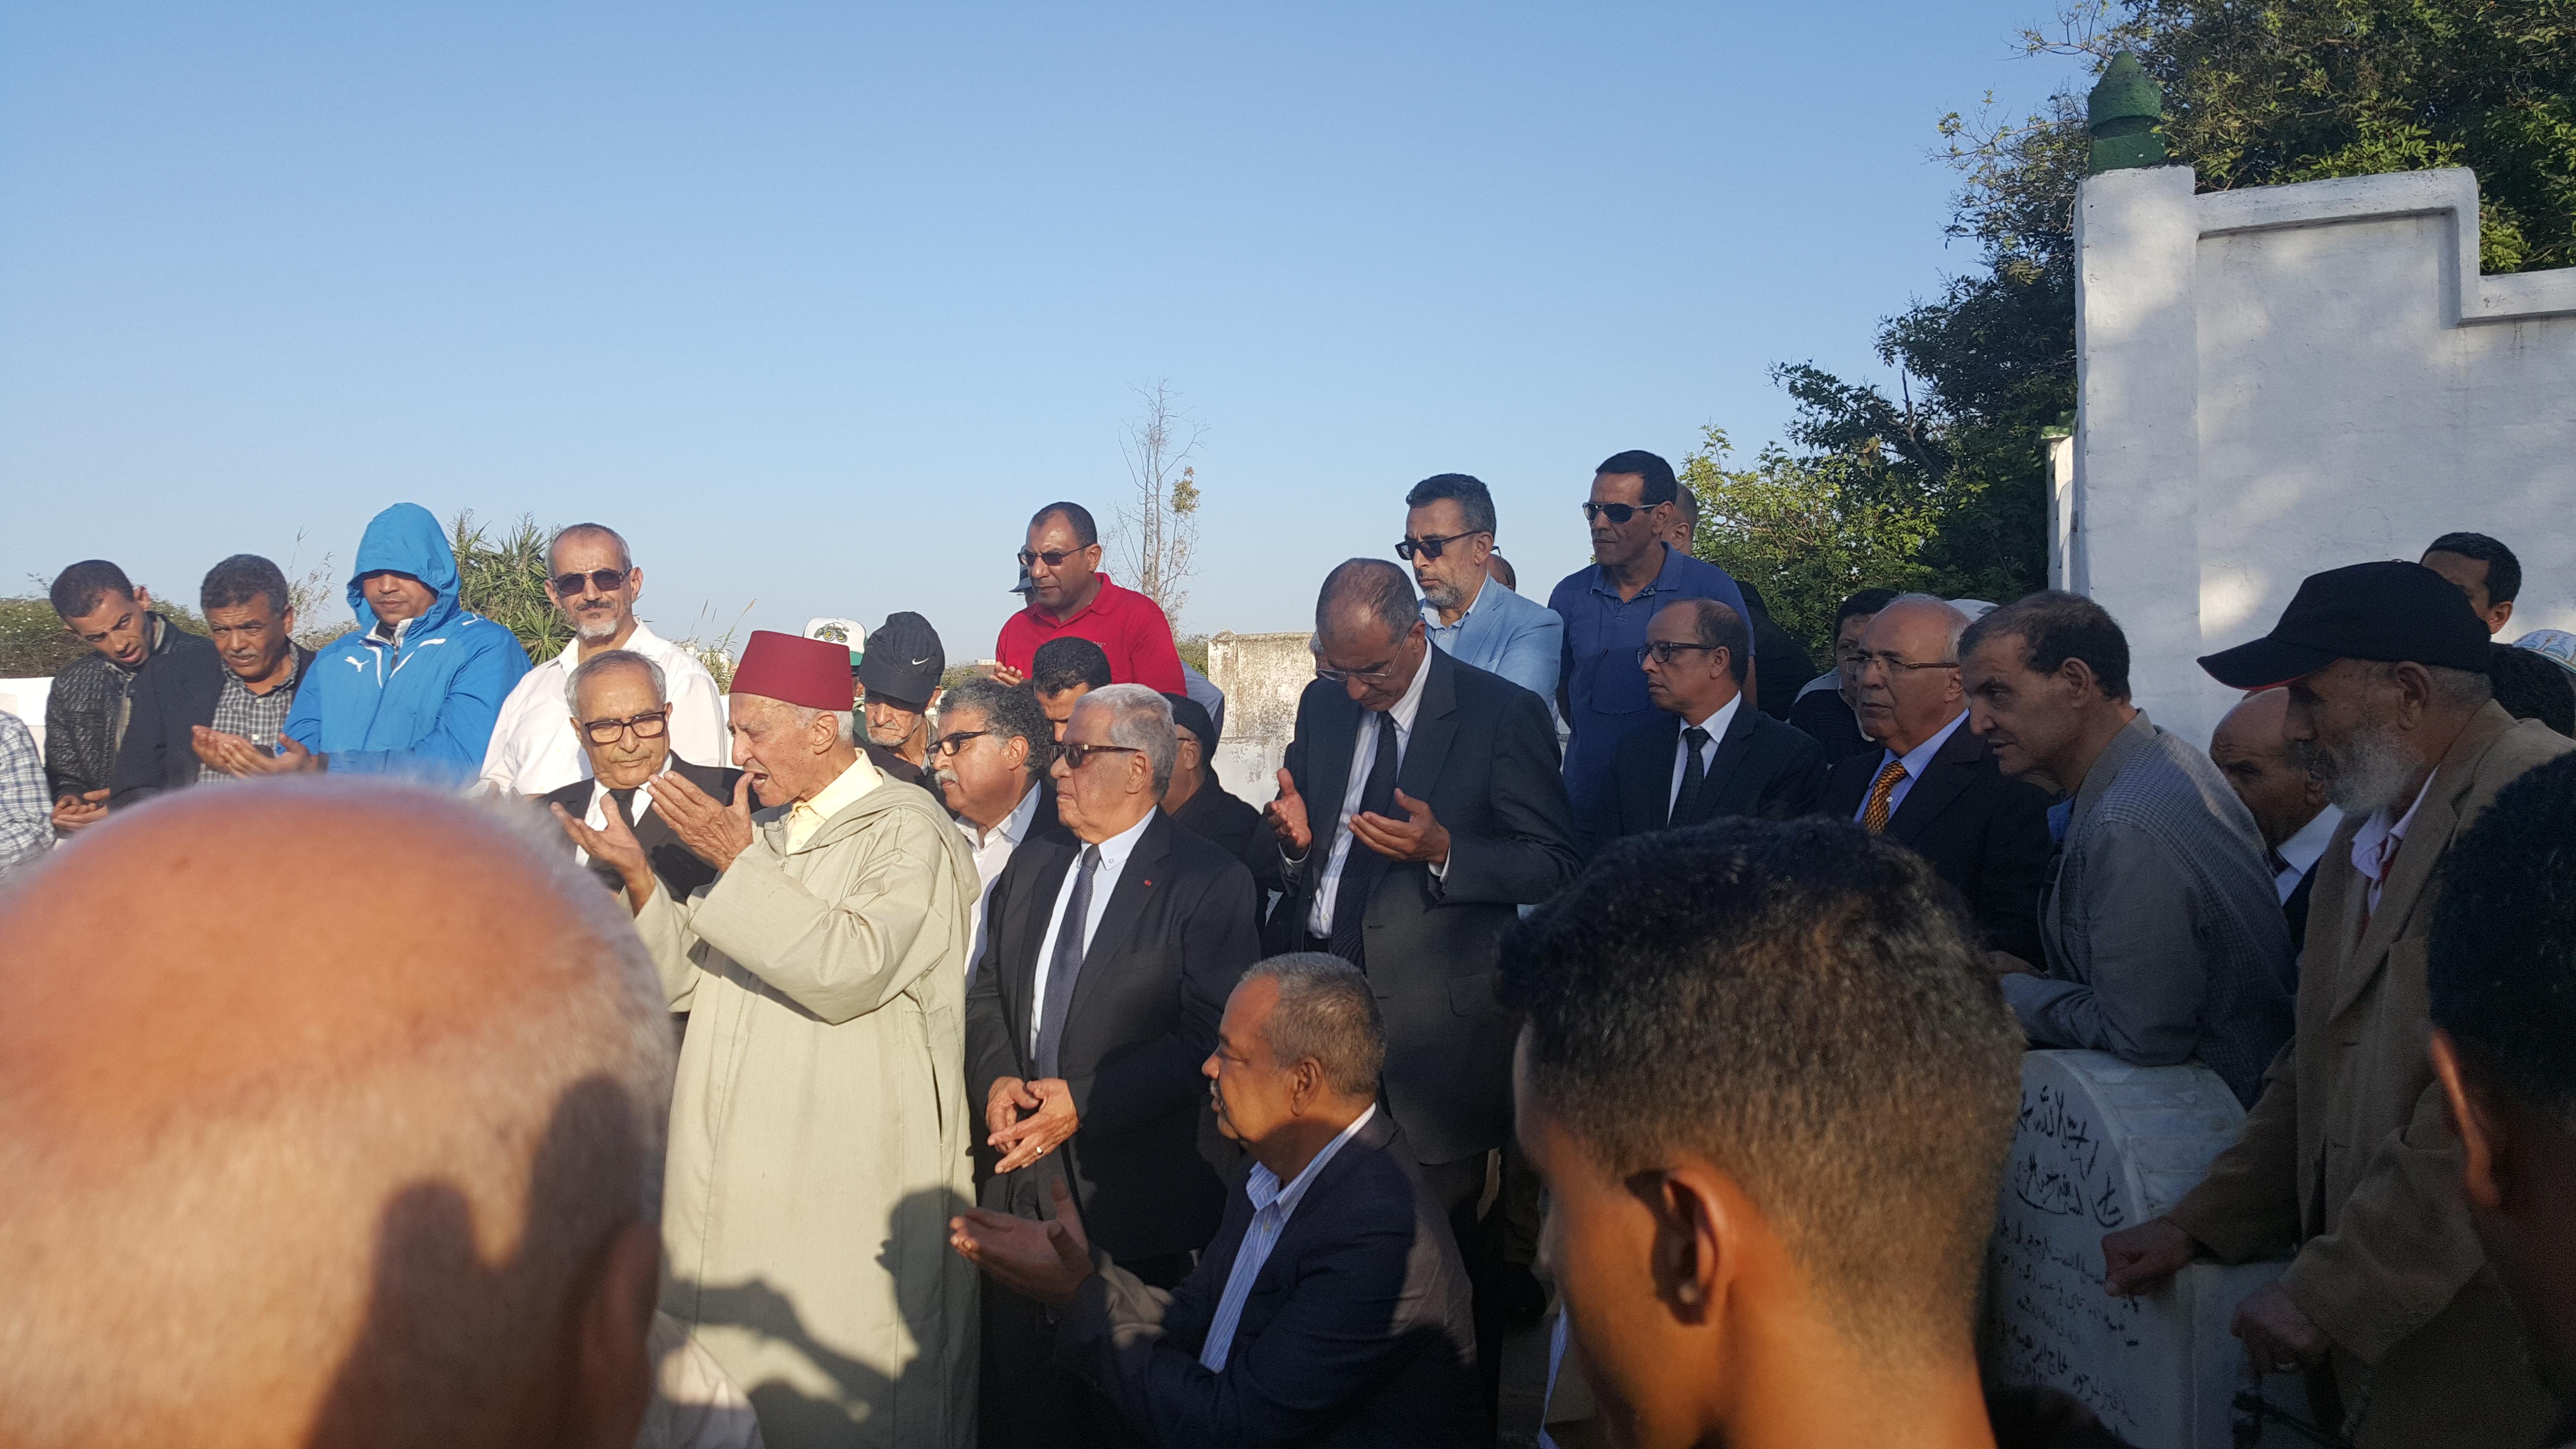 """تشييع جثمان الراحل """"سعيد بونعيلات"""" بمقبرة الشهداء بالبيضاء بحضور ابن كيران واليازغي"""